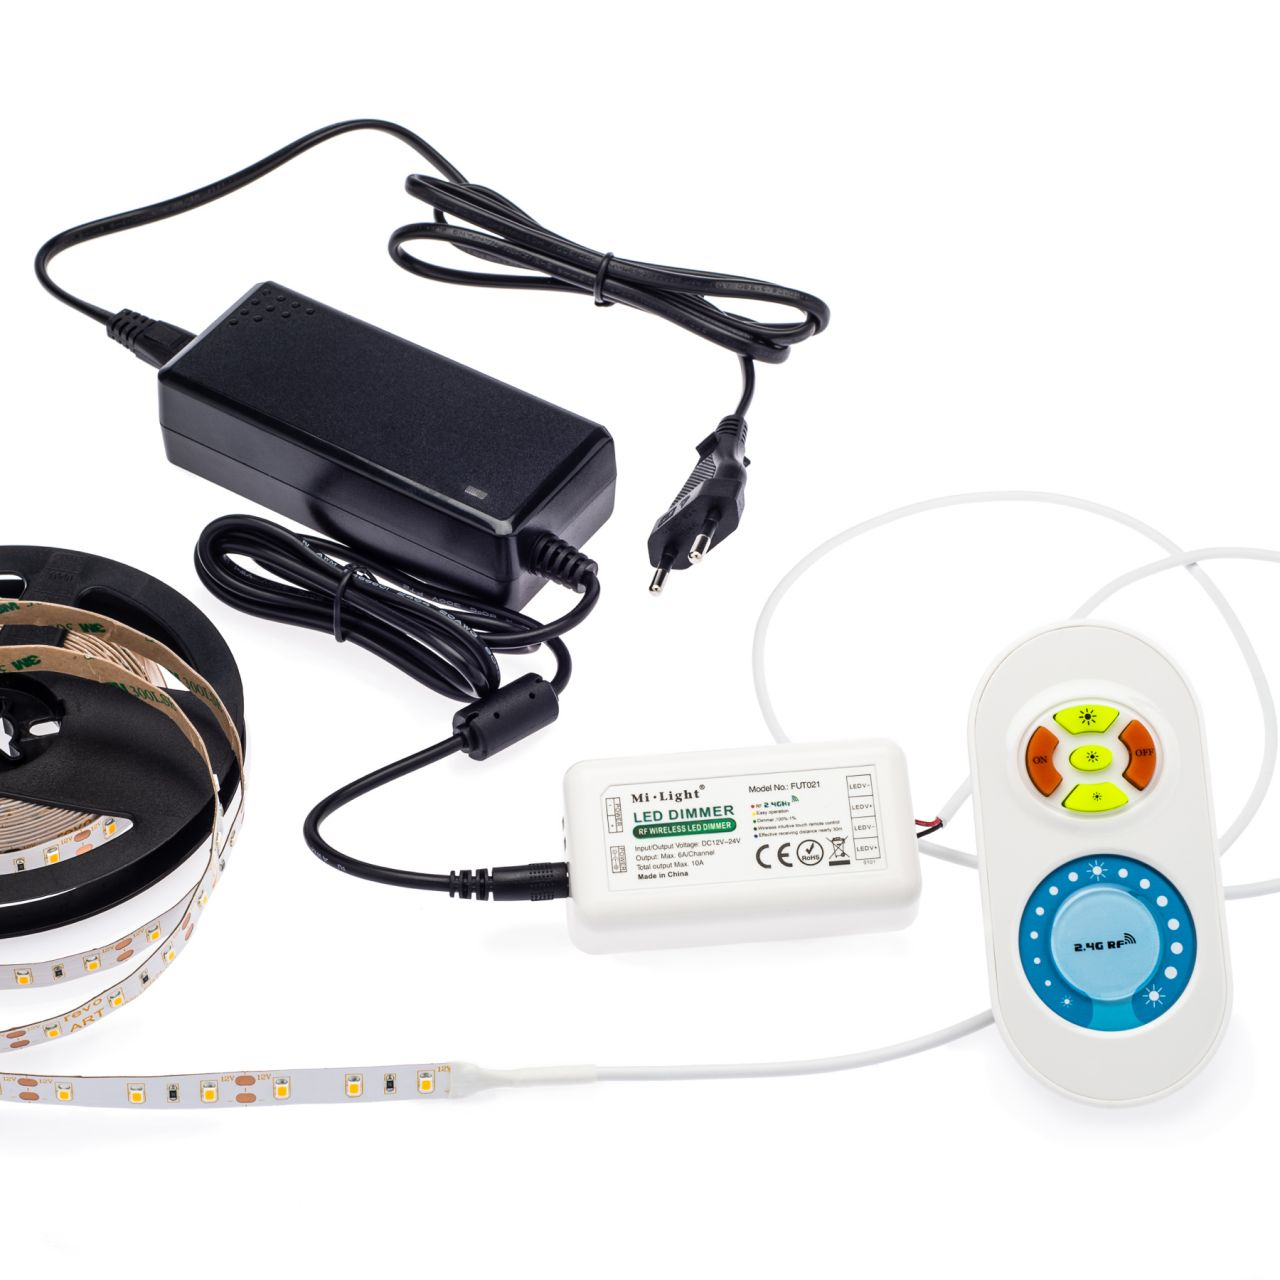 12V LED Streifen Set mit Fernbedienung und Netzteil, 500cm Länge, Lichtfarbe warmweiß